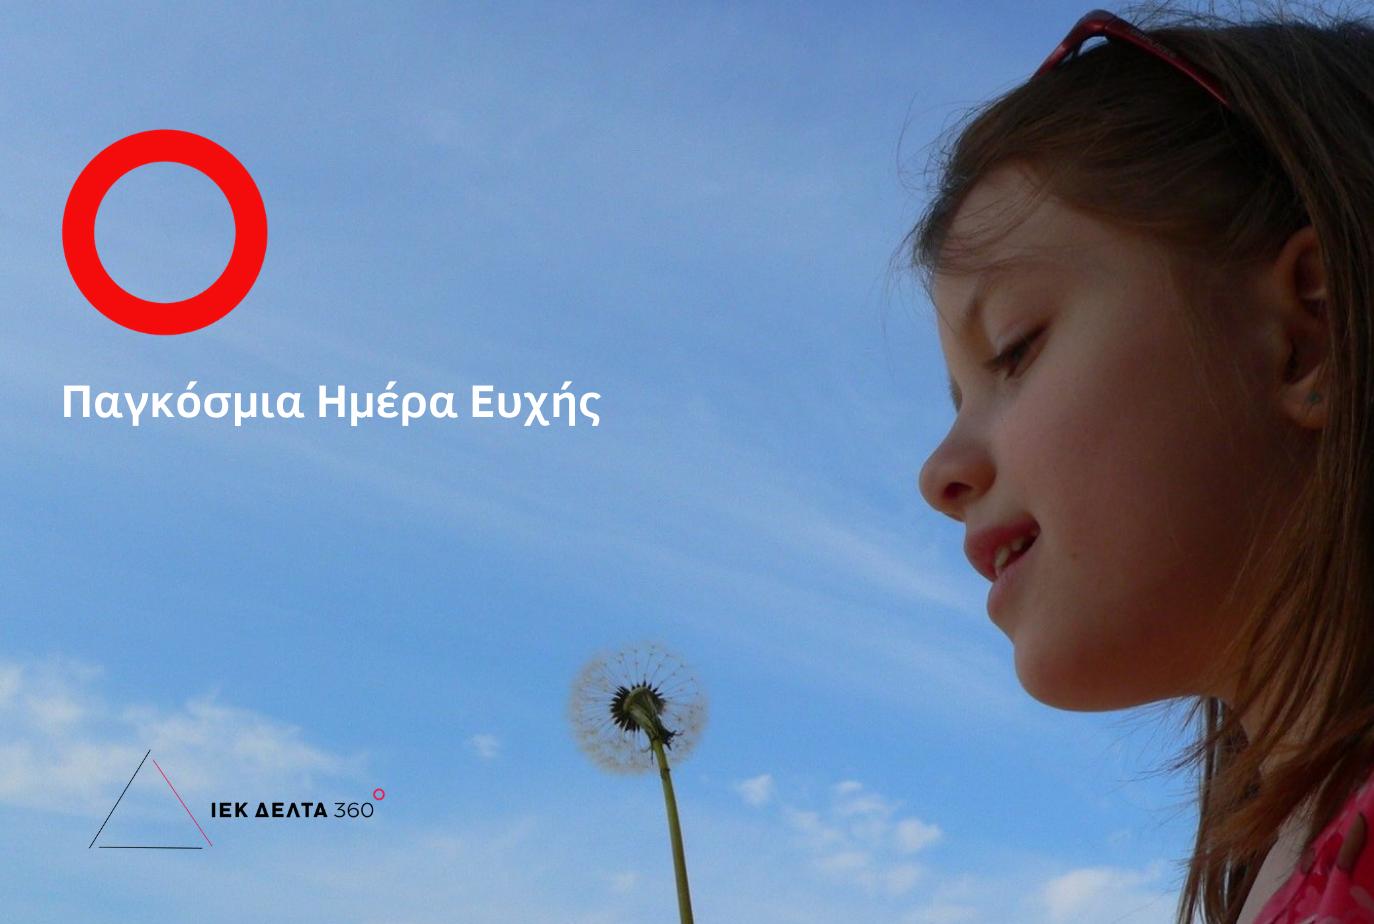 29/4: Παγκόσμια Ημέρα Ευχής - Make-A-Wish Day!